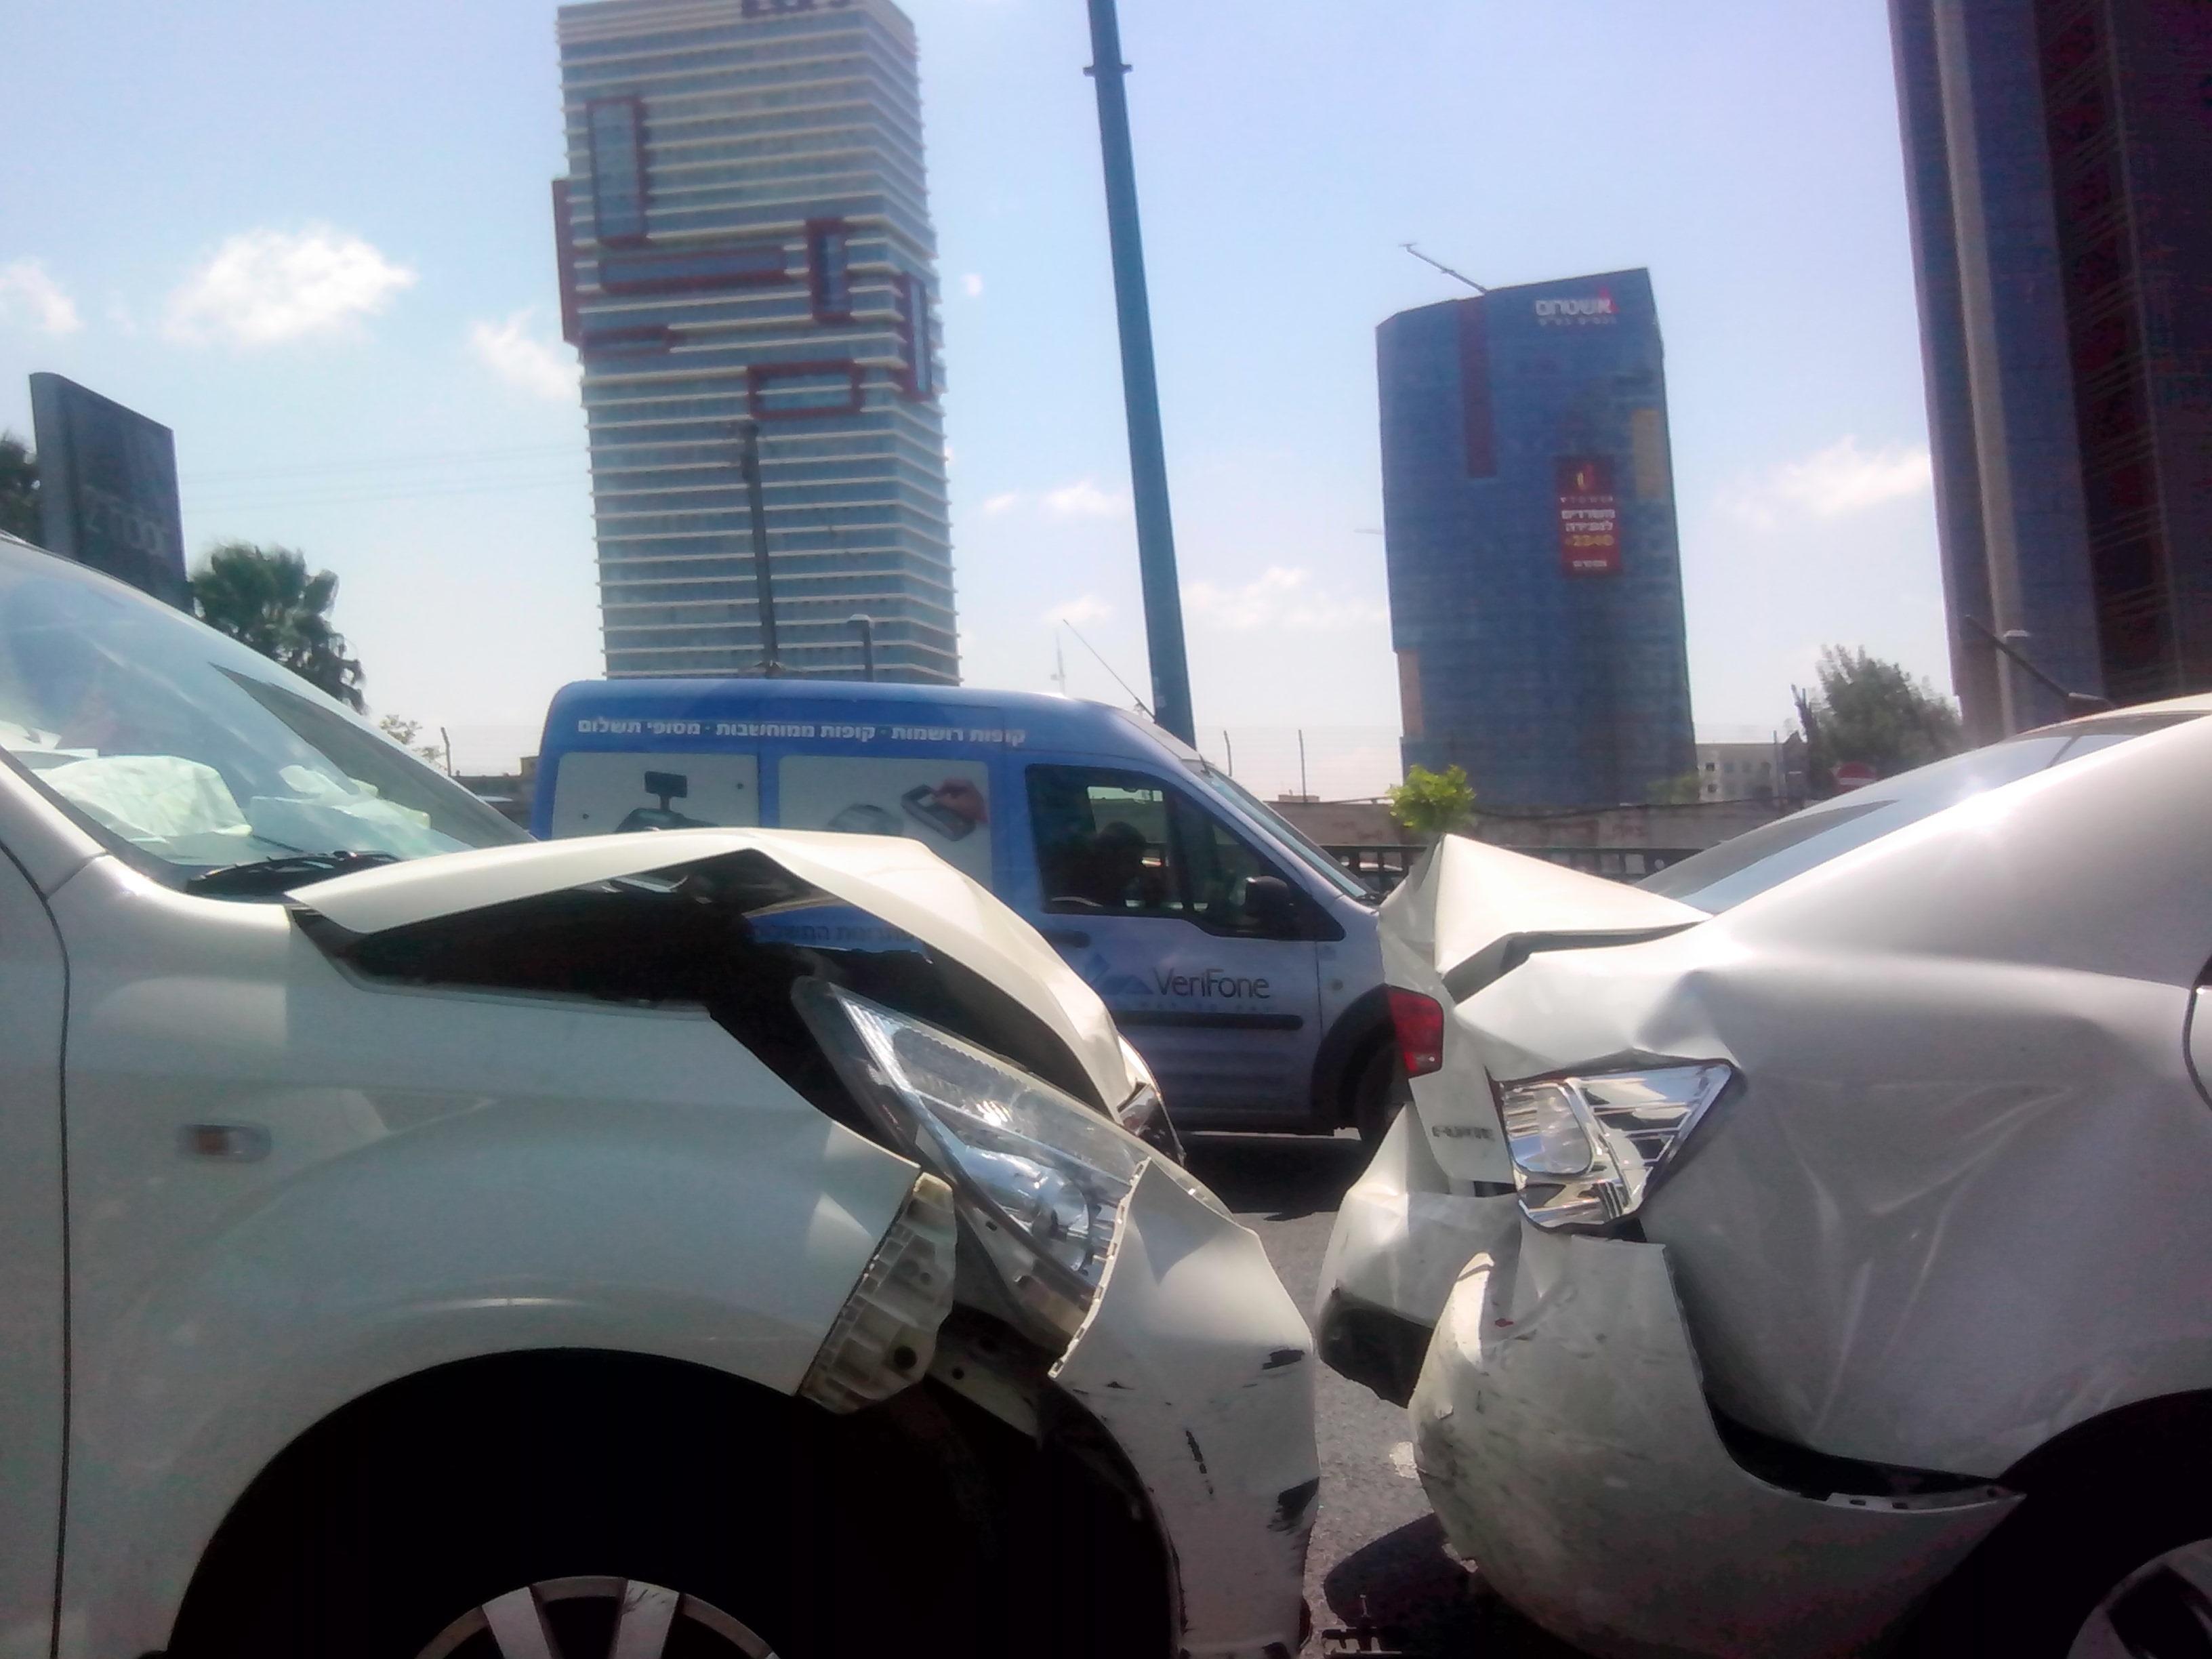 26 הרוגים ו-1,898 נפגעים בתאונות דרכים בחודש נובמבר 2013